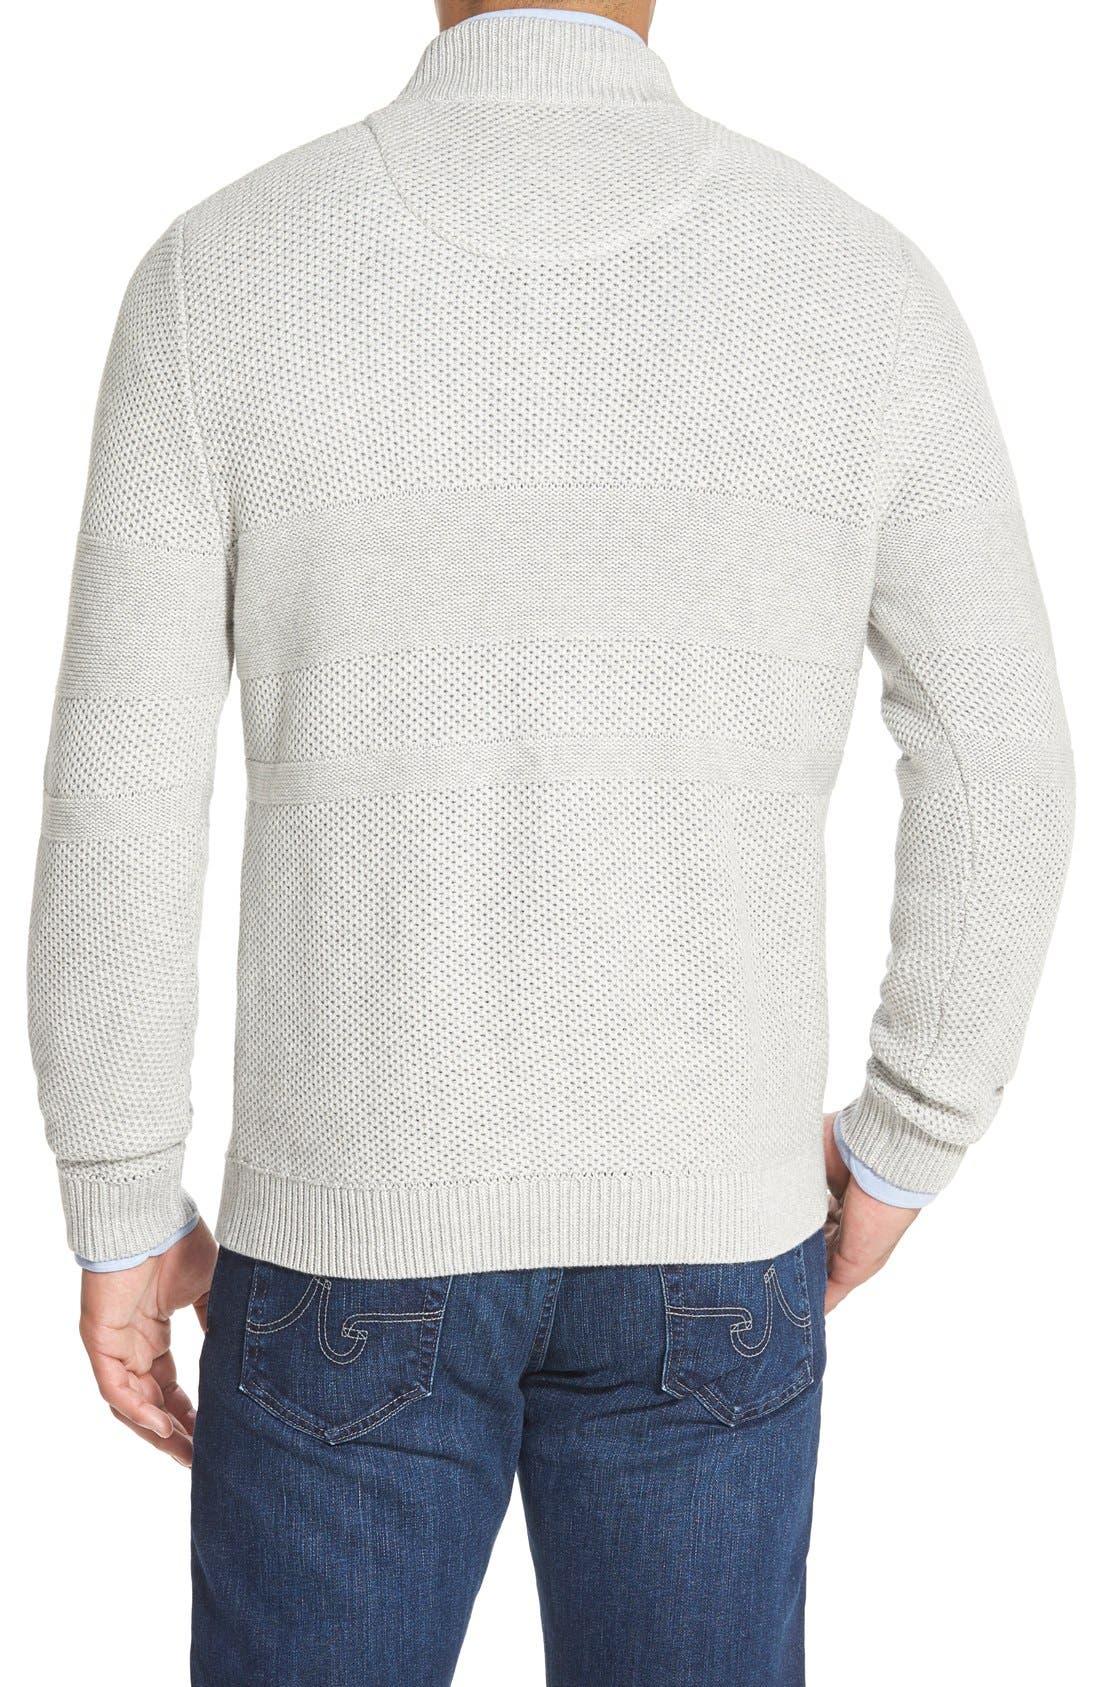 Texture Cotton & Cashmere Quarter Zip Sweater,                             Alternate thumbnail 8, color,                             050